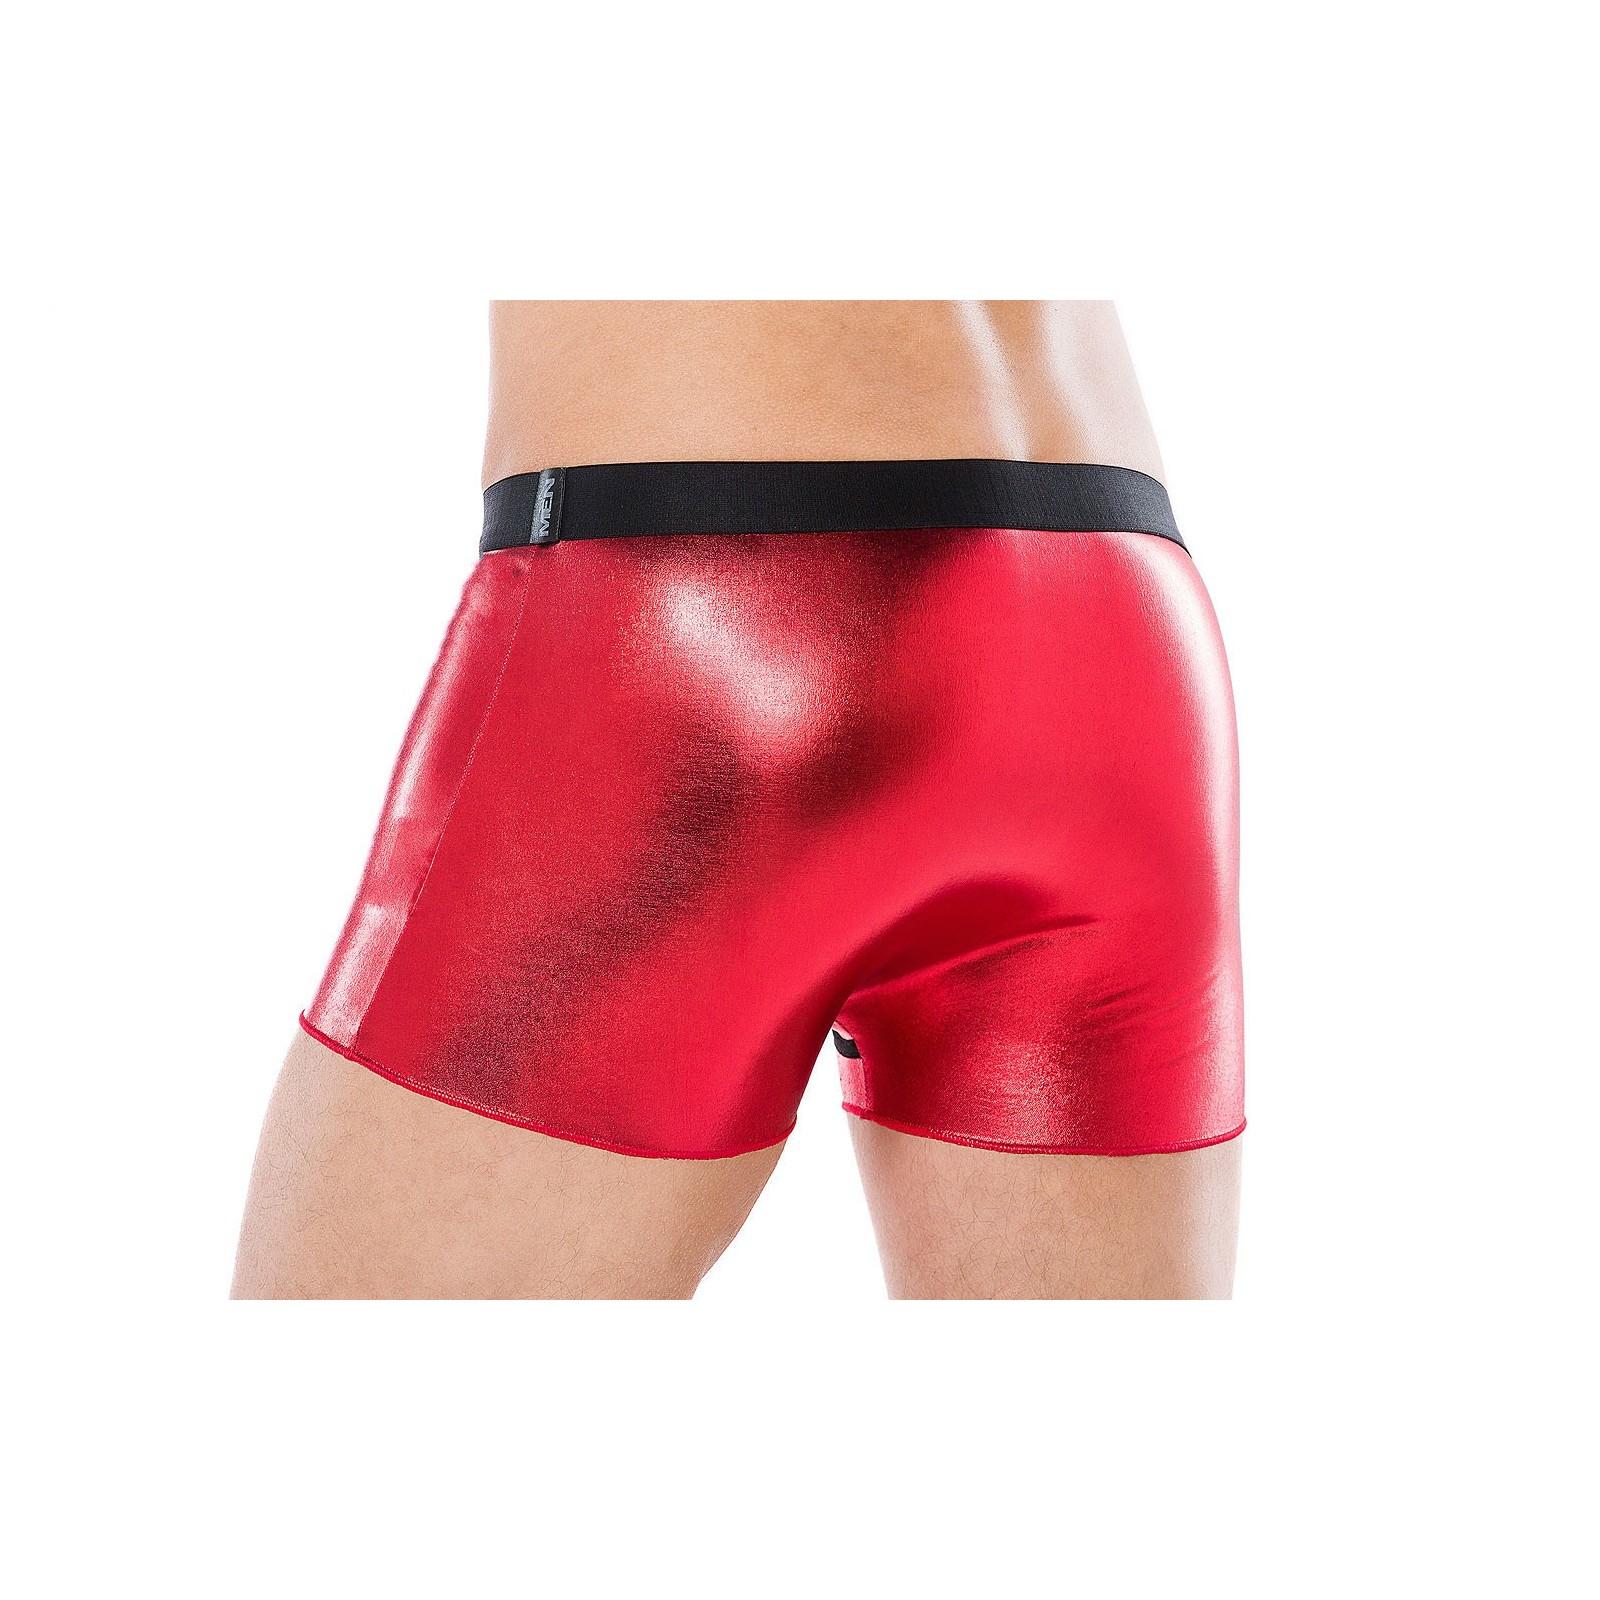 Boxershorts rot MC/9003 - 2 - Vorschaubild